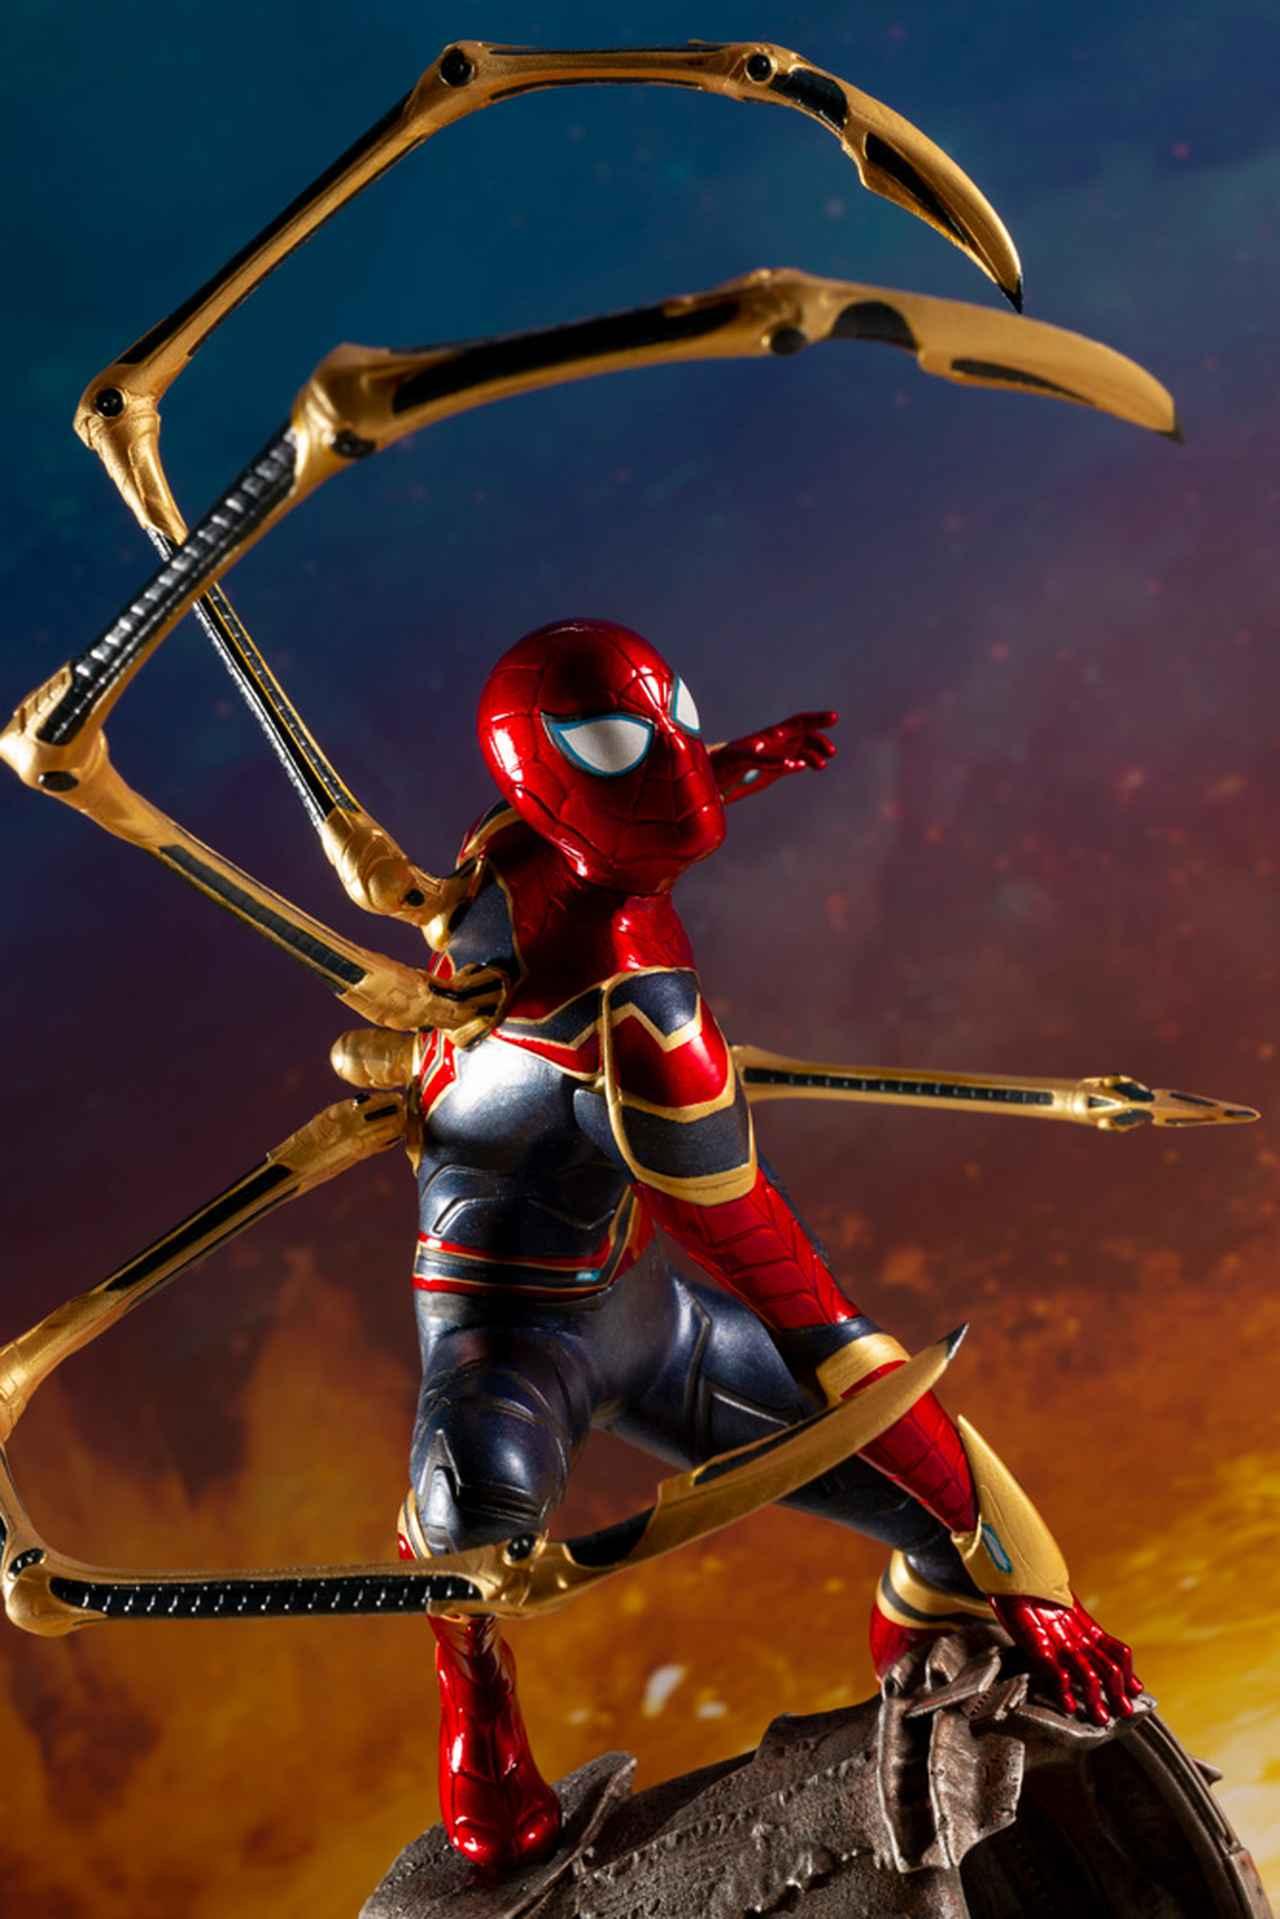 画像7: 「アベンジャーズ/インフィニティ・ウォー」のアイアン・スパイダーがコトブキヤのARTFXとして登場!